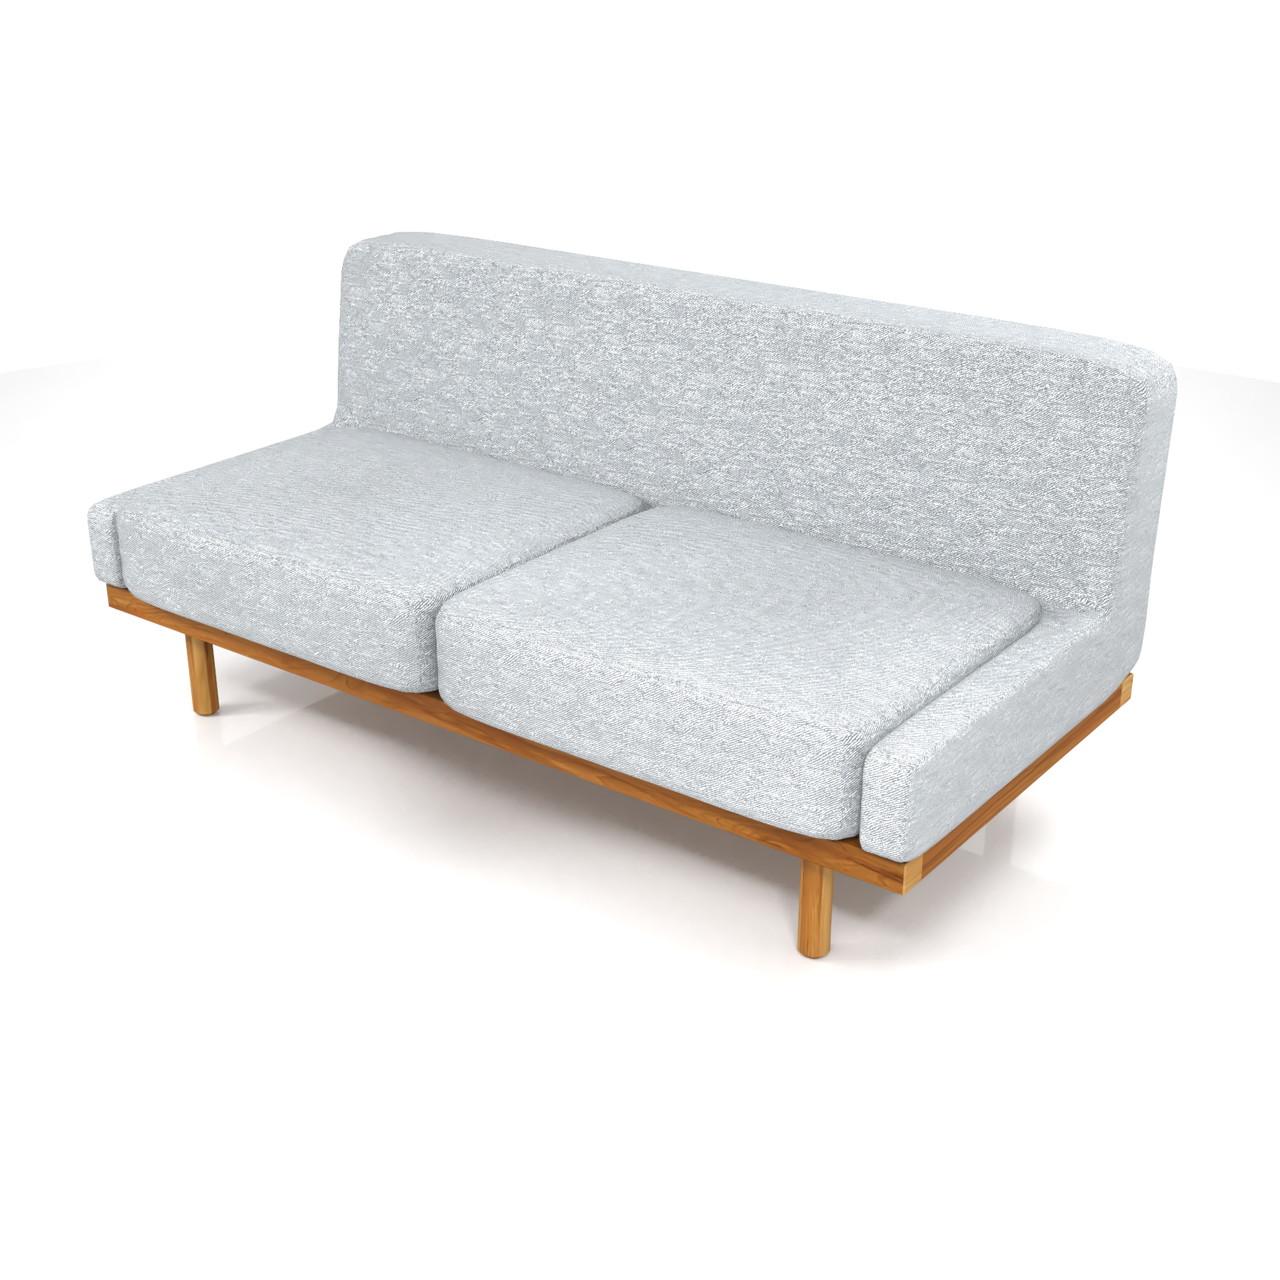 2.5人掛けのソファ(グレー)の3DCADデータ丨インテリア 家具 ソファー丨無料 商用可能 フリー素材 フリーデータ丨データ形式はformZ ・3ds・objファイルです丨digital-architex.com